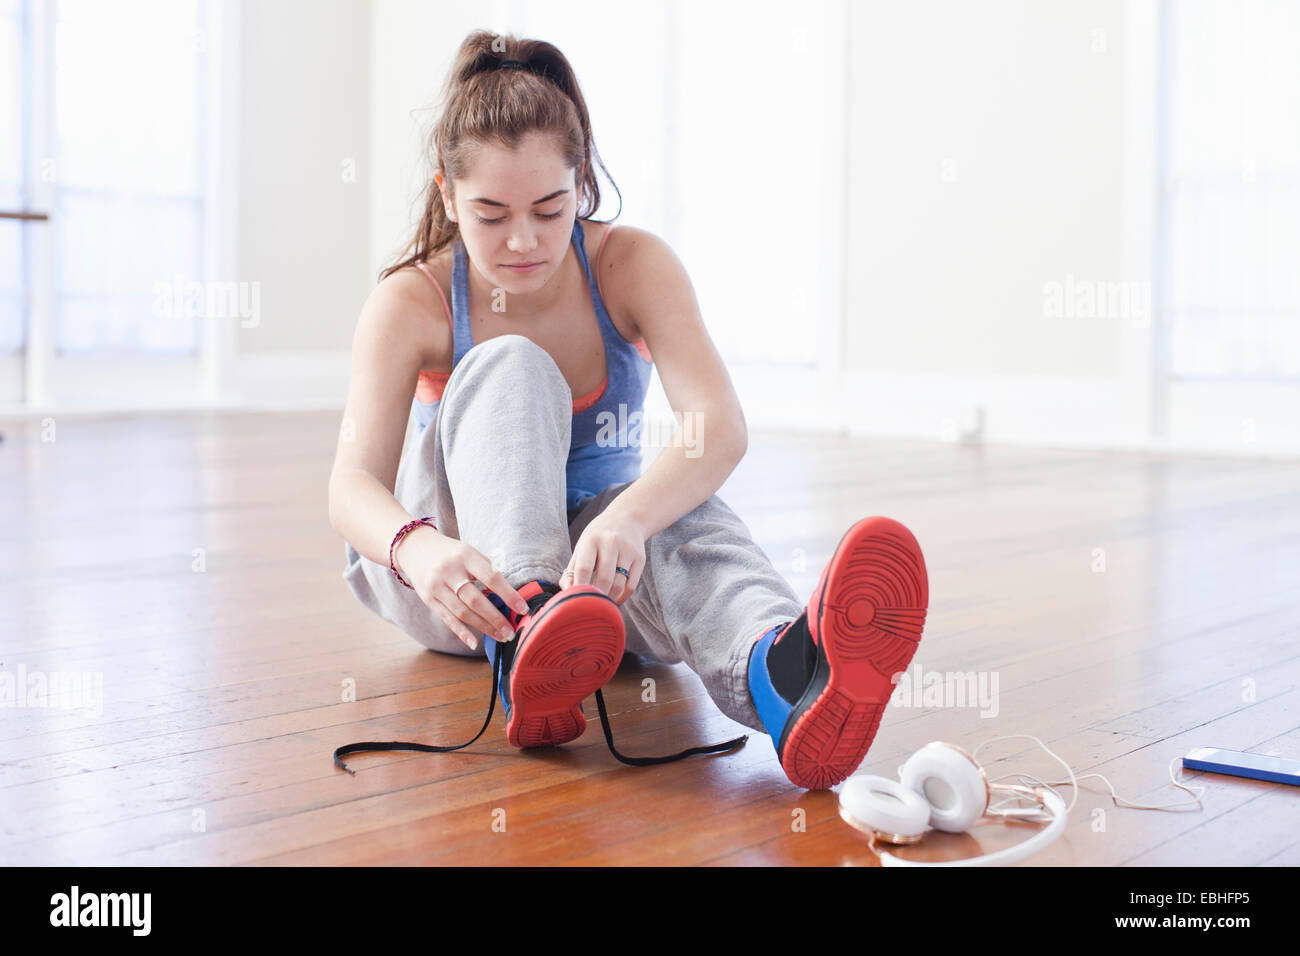 Adolescente atado cordones formador en la escuela de ballet Imagen De Stock